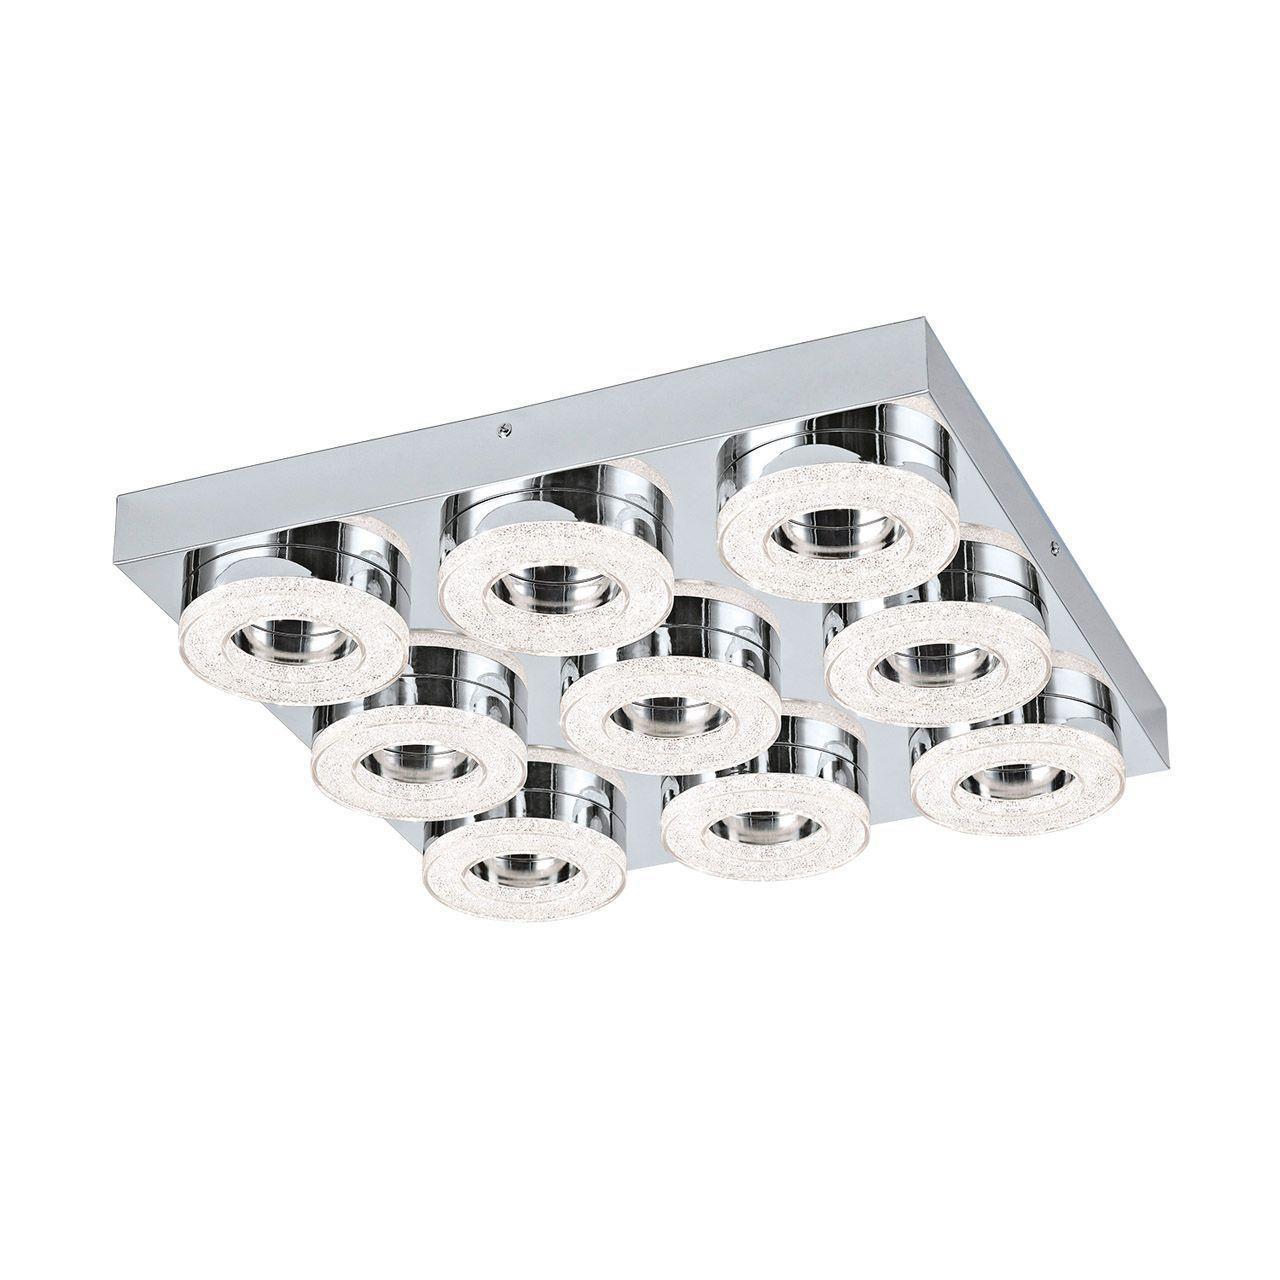 Потолочный светодиодный светильник Eglo Fradelo 95665 светильник потолочный eglo fradelo 95665